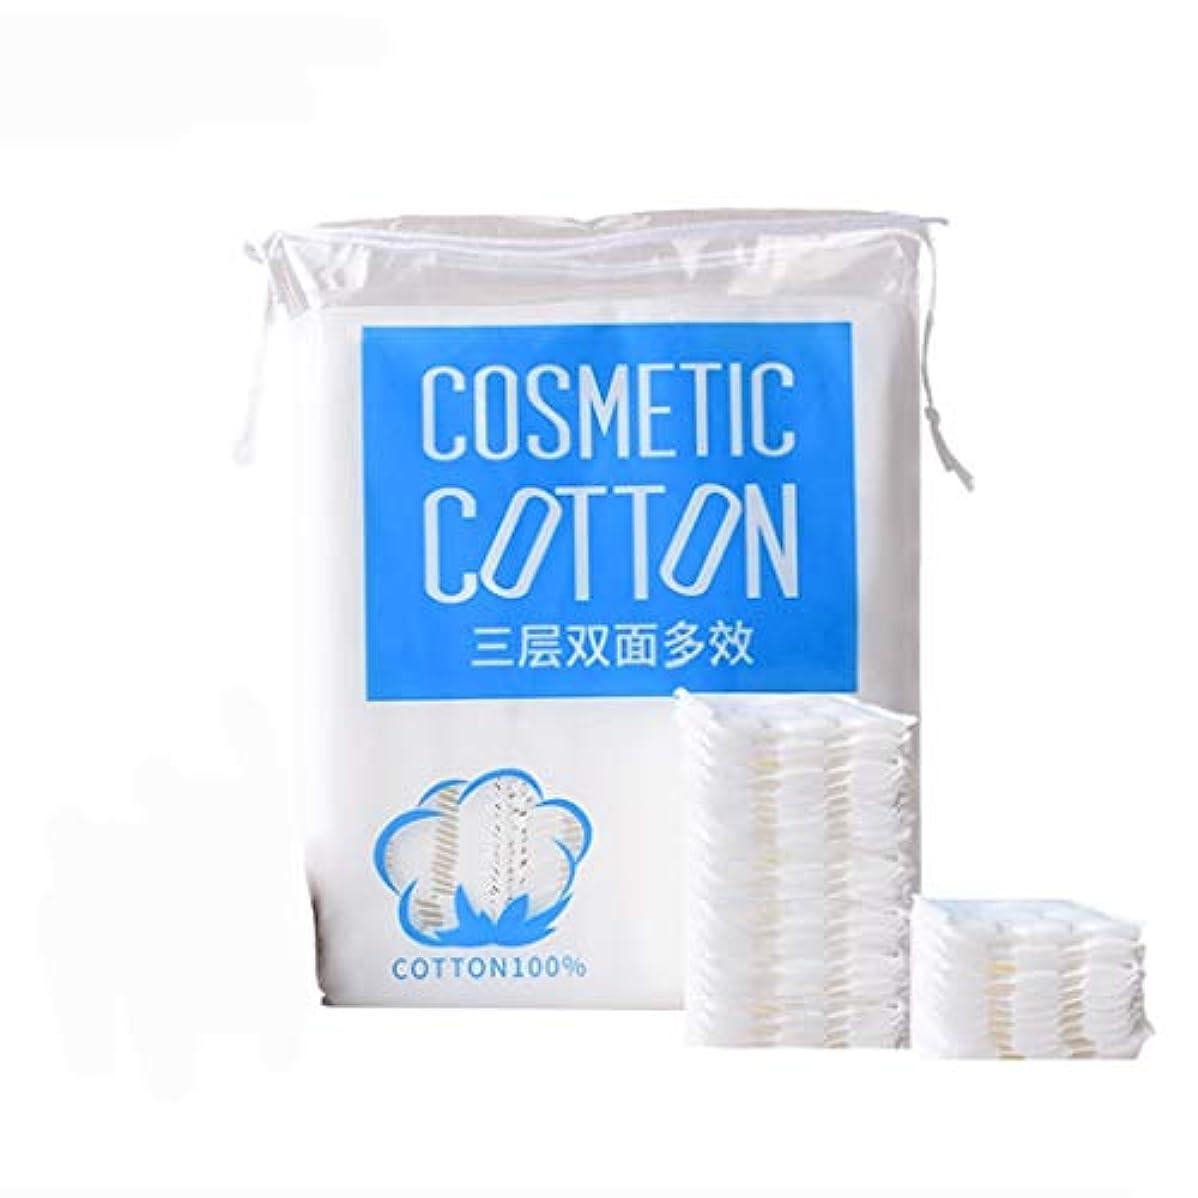 隔離するヒロイン公然と3層両面コットンパッド、女性更衣室メイクアップリムーバーコットンパッド、ベッドルームバスルームクレンジングコットン (Size : 200 pieces/bag)